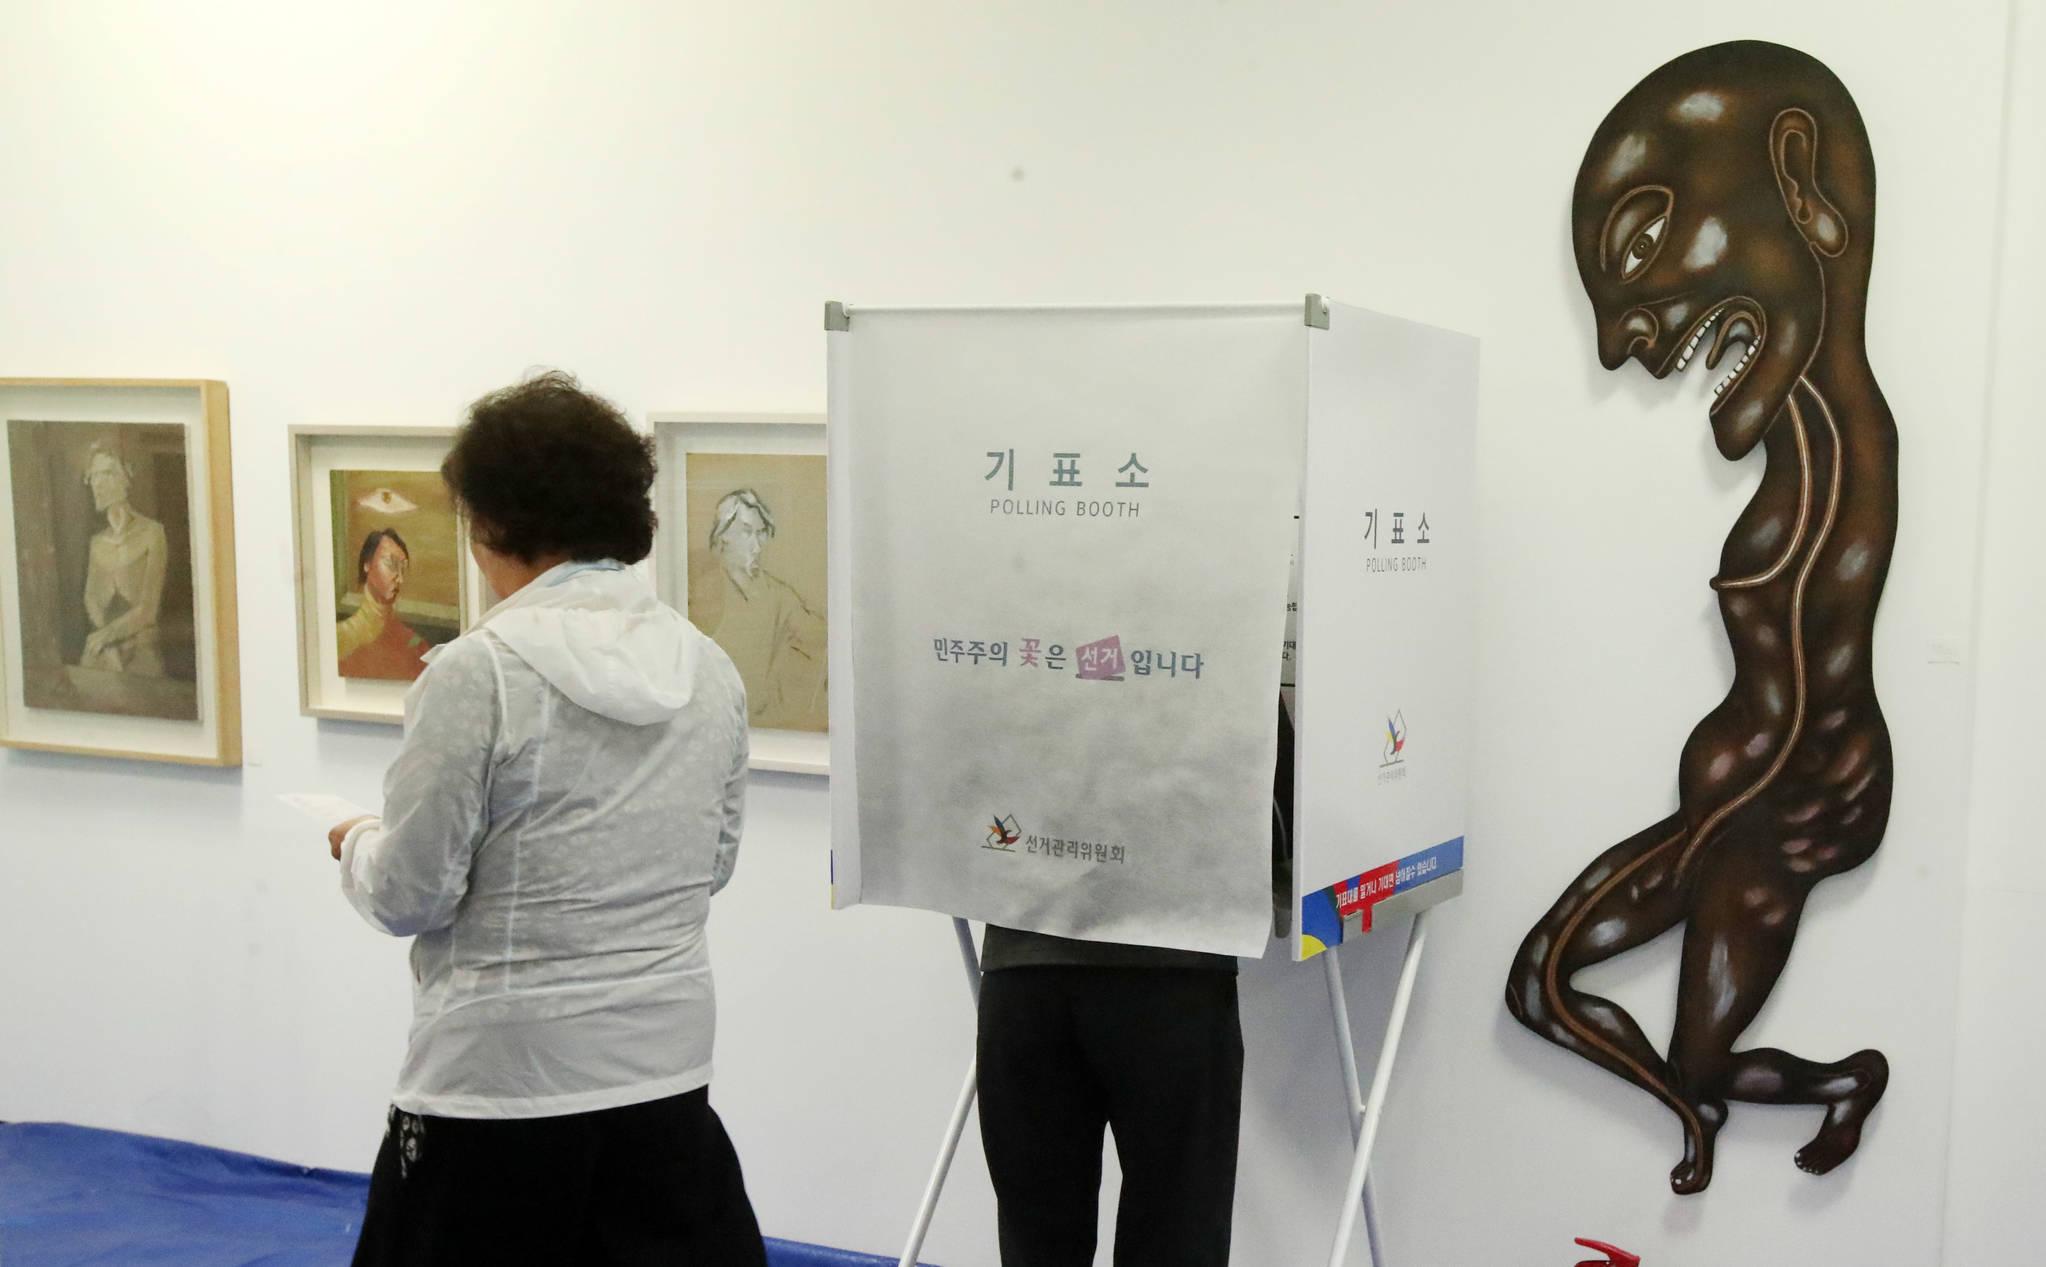 부산 수영구 민락동미광화랑 전시장에 마련된제2투표소에서 9일 유권자들이 투표하고 있다.송봉근 기자